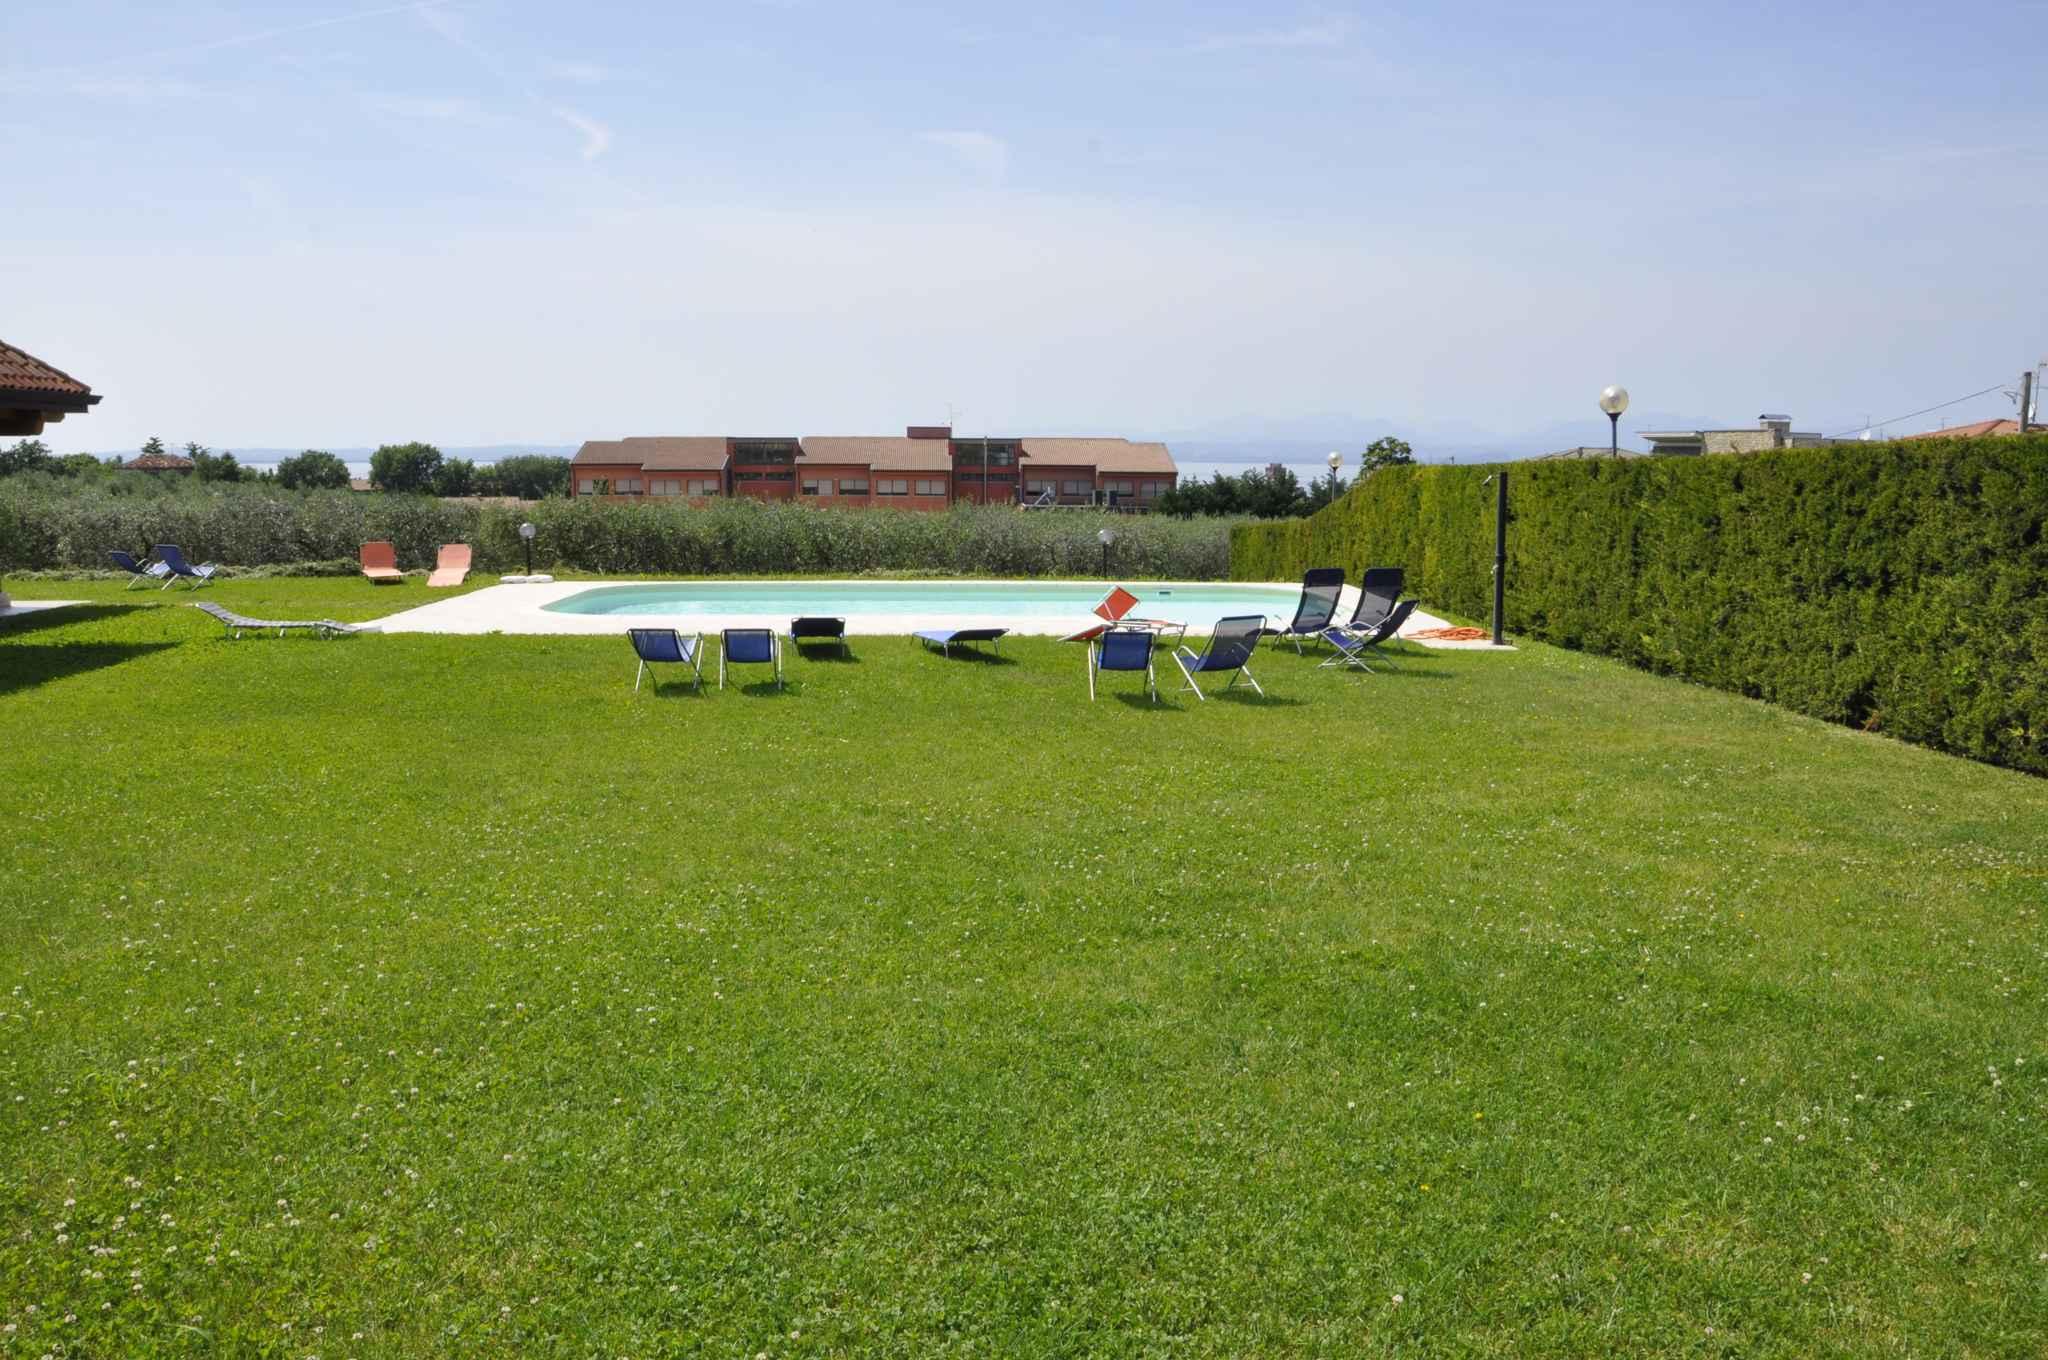 Ferienwohnung mit Pool (279621), Lazise, Gardasee, Venetien, Italien, Bild 2